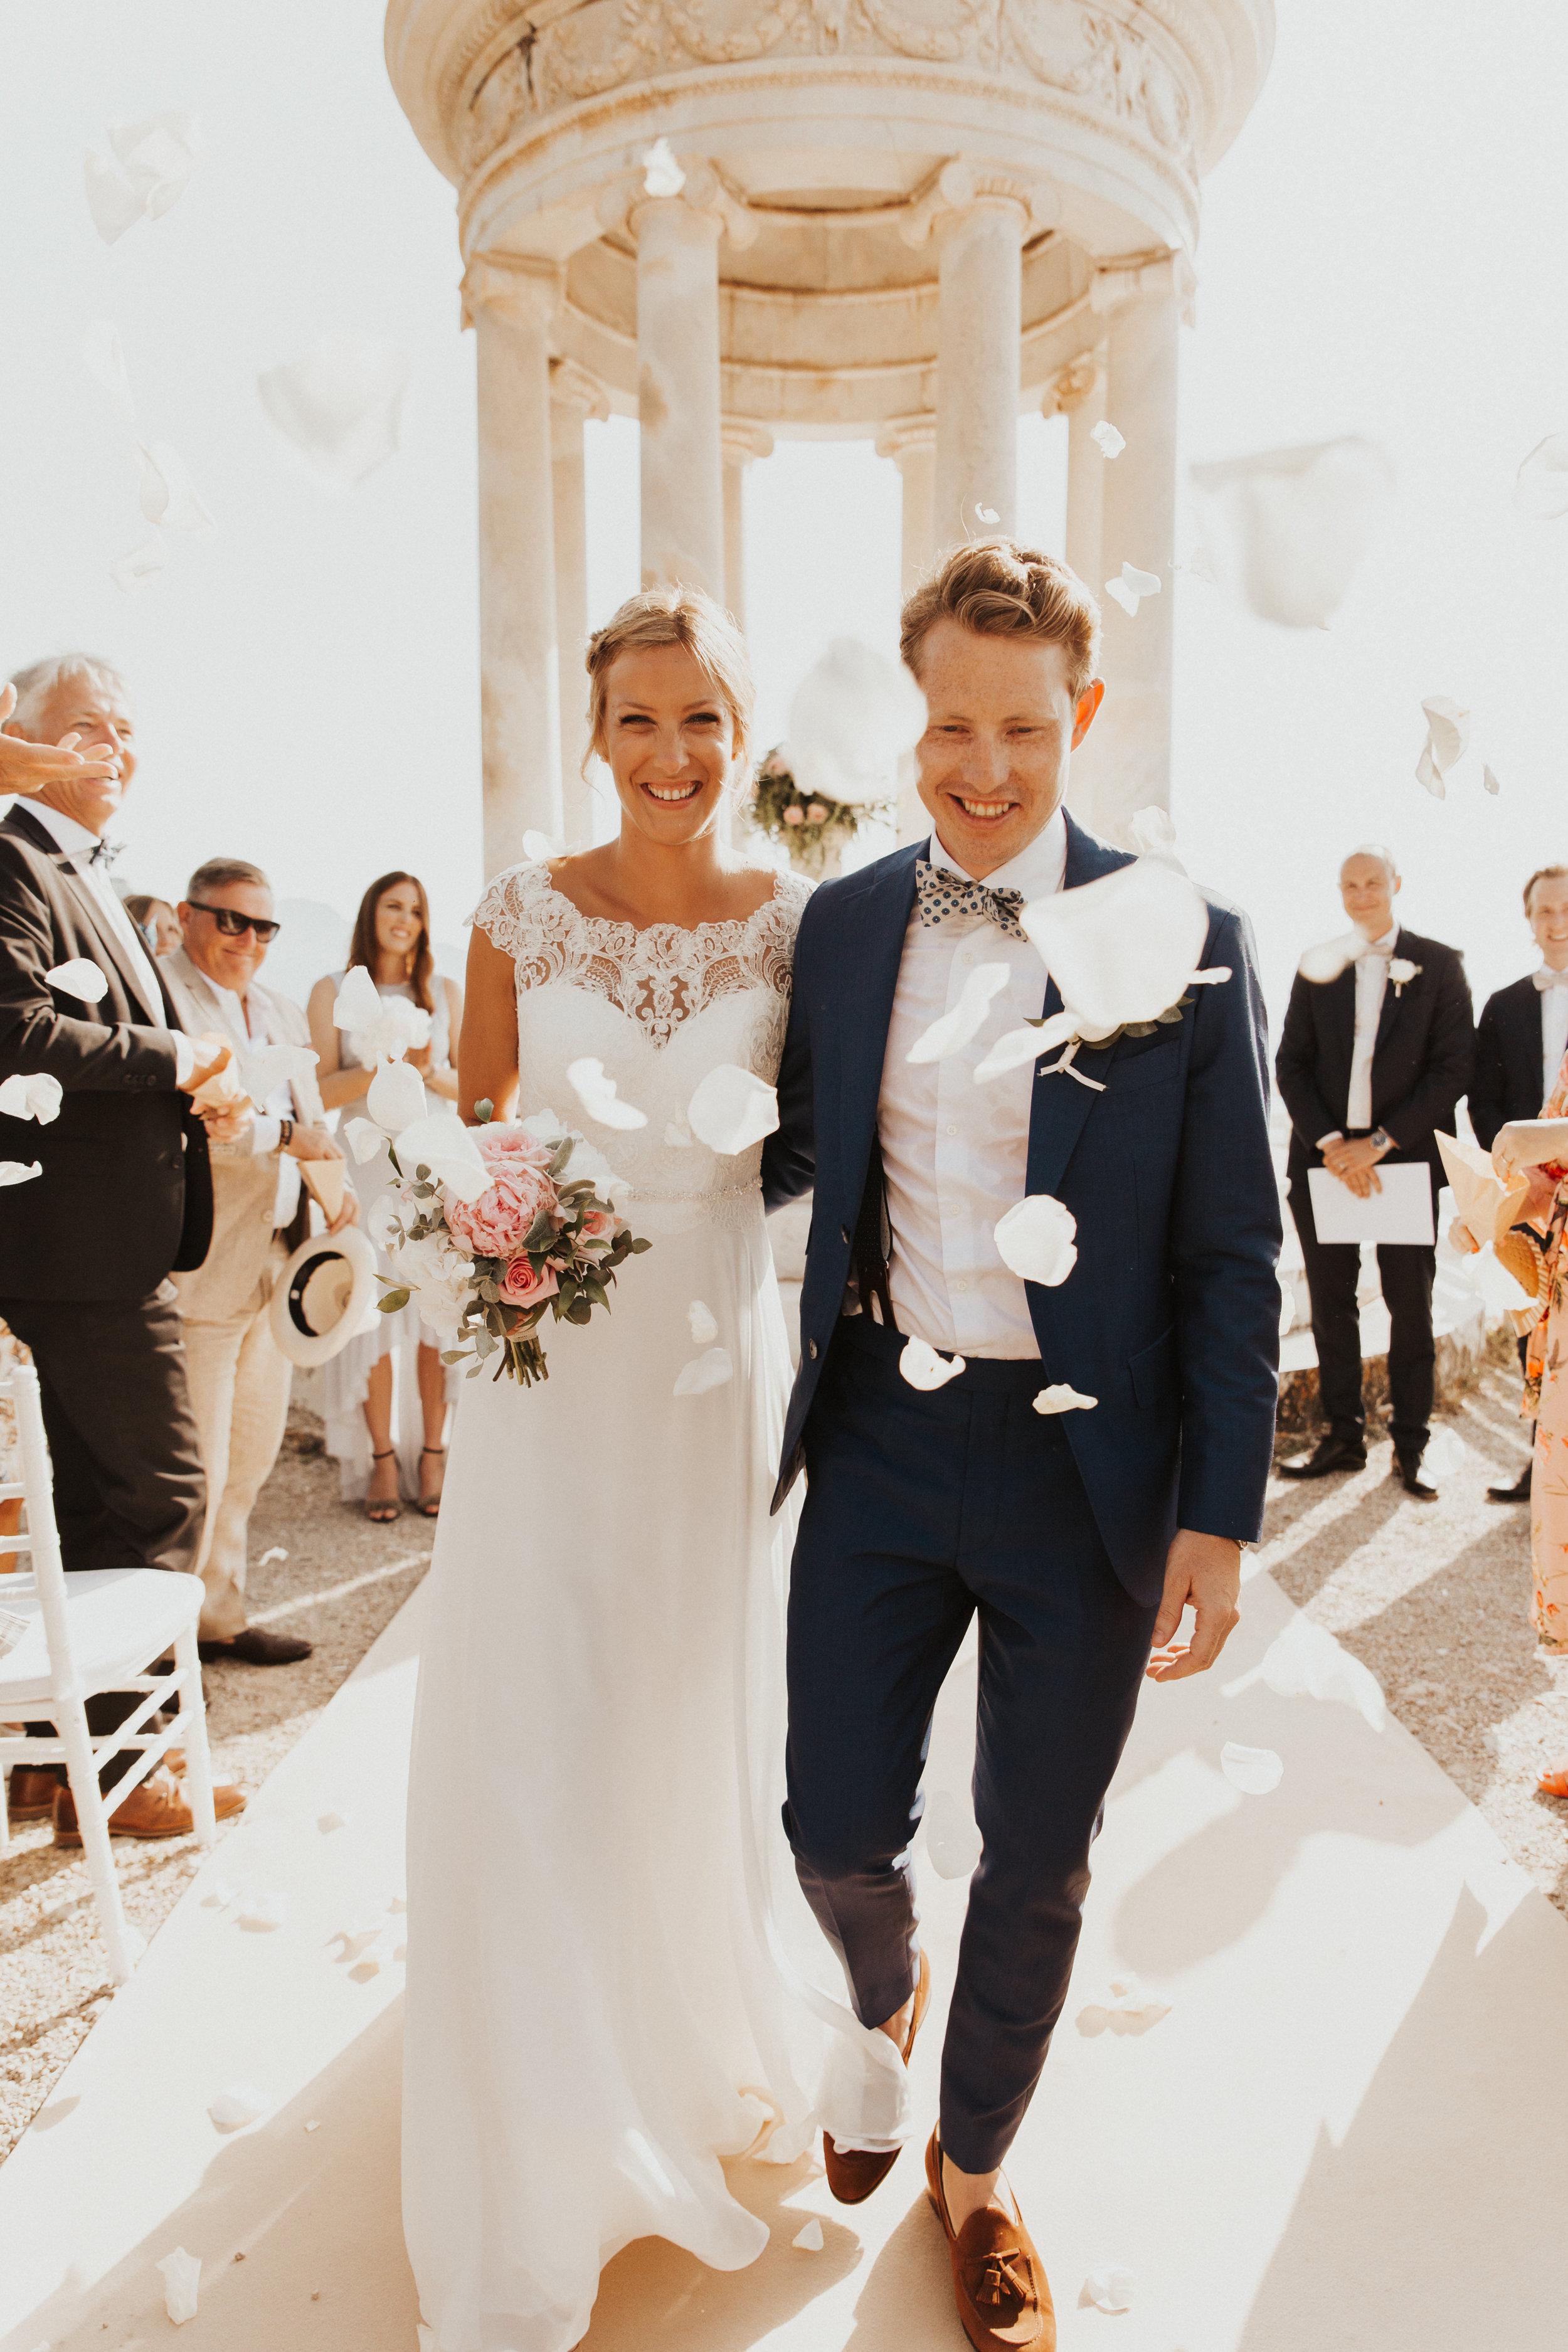 Son Marroig Wedding Photographer mallorca deia photography 1.jpg